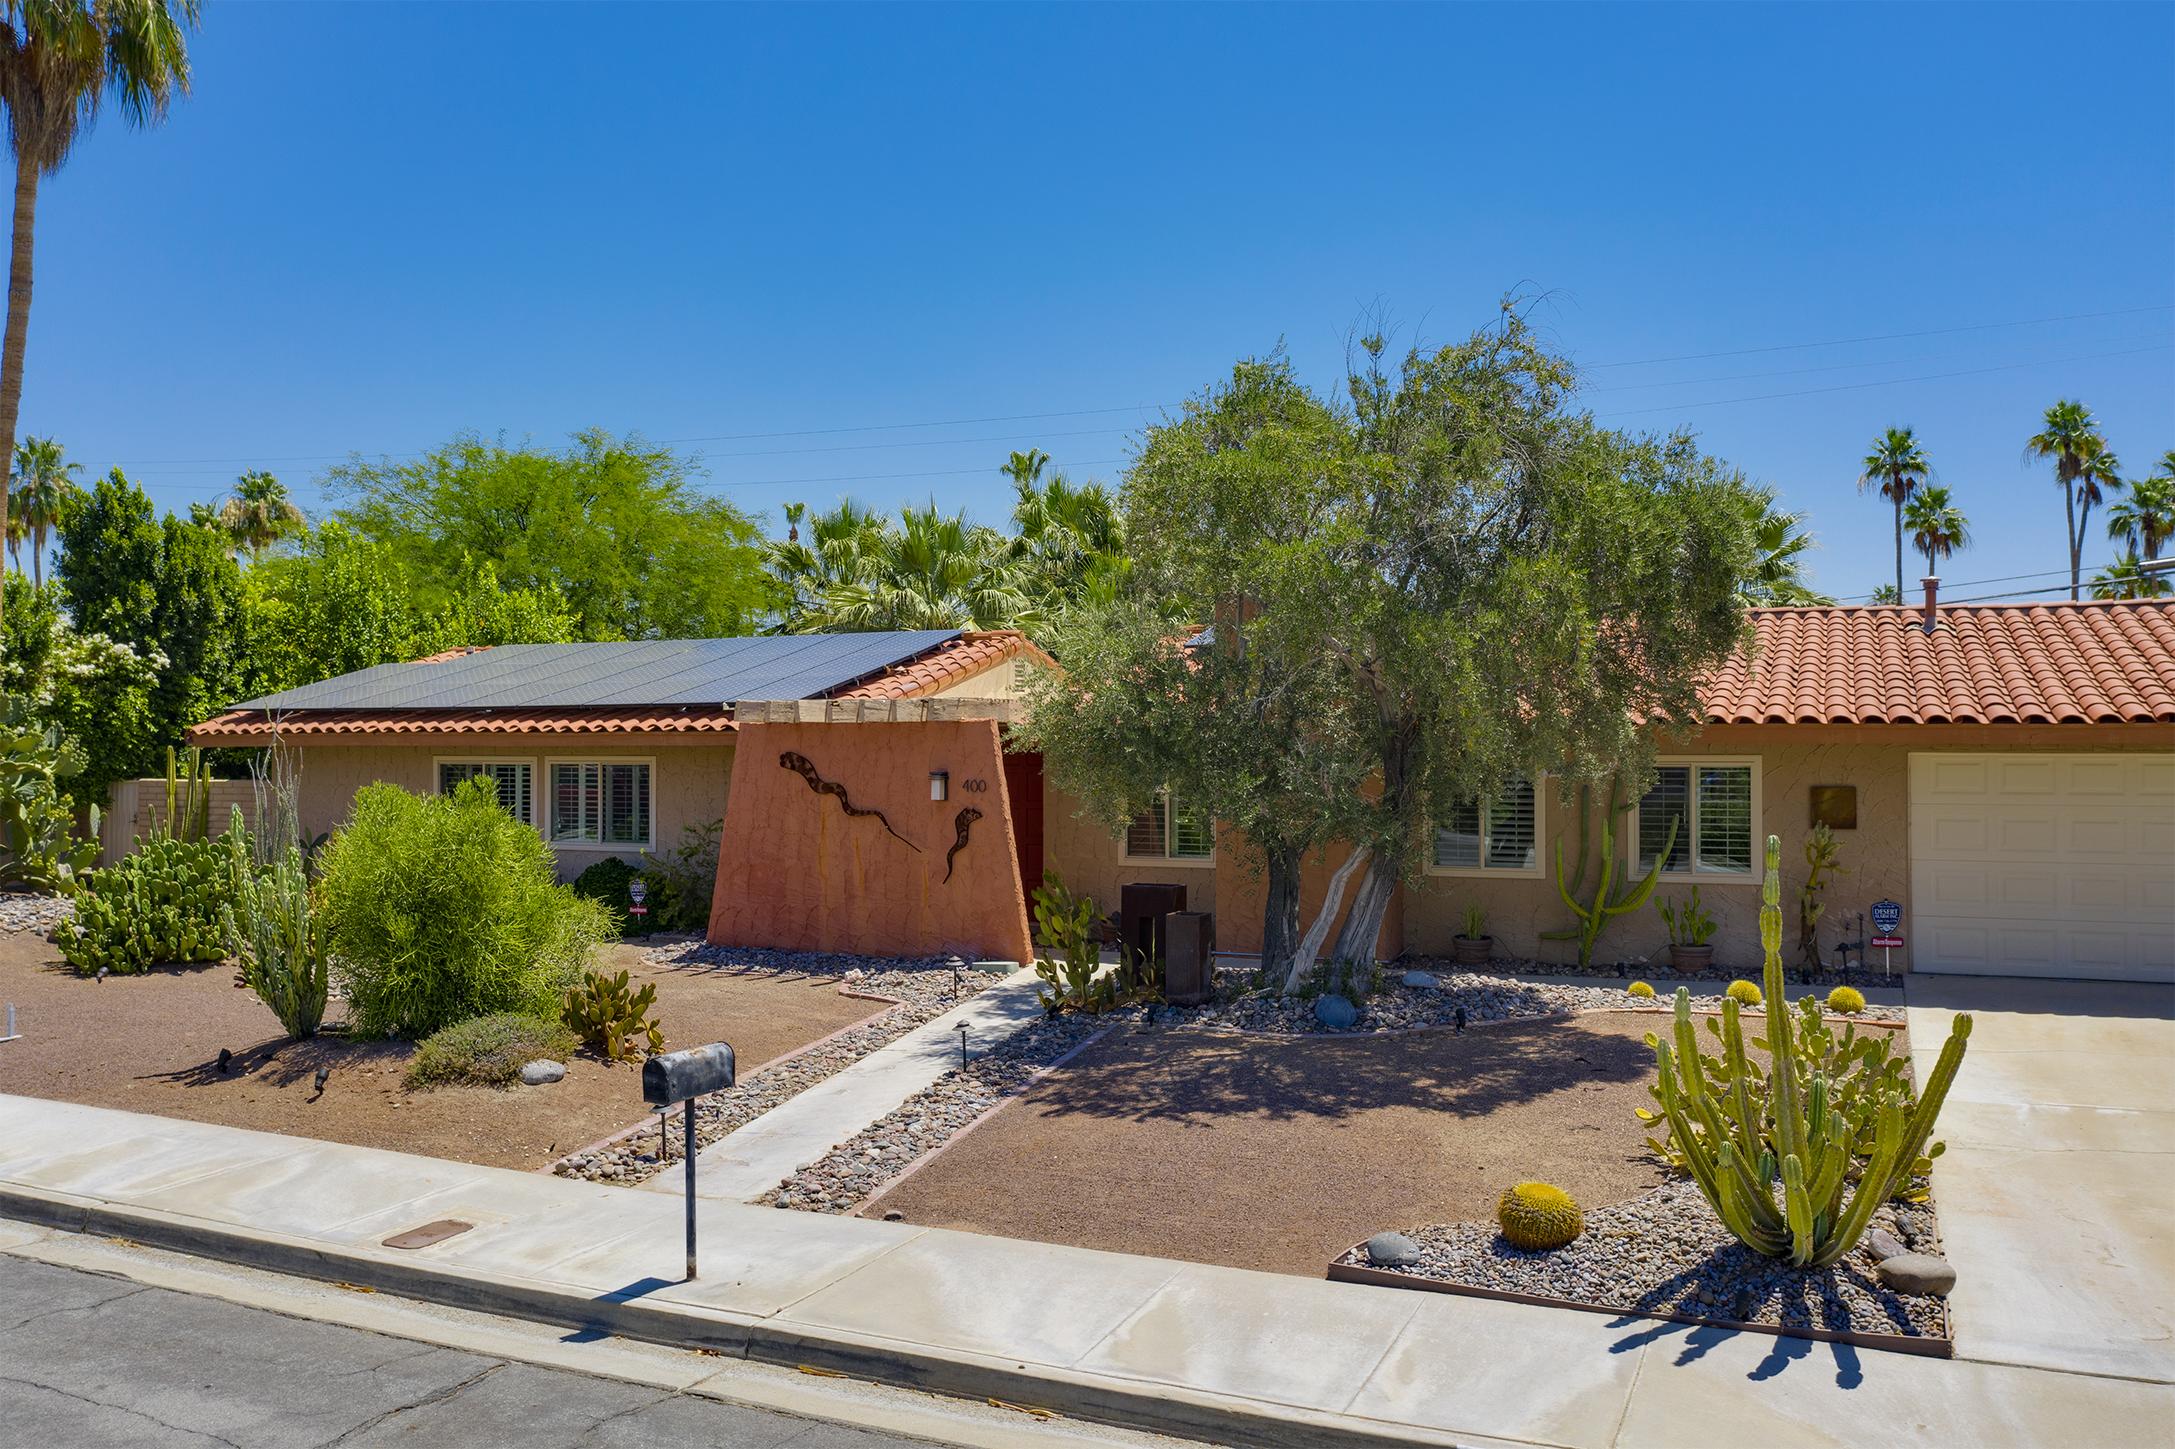 400 N. Orchid Tree Lane, Palm Springs, CA 92262